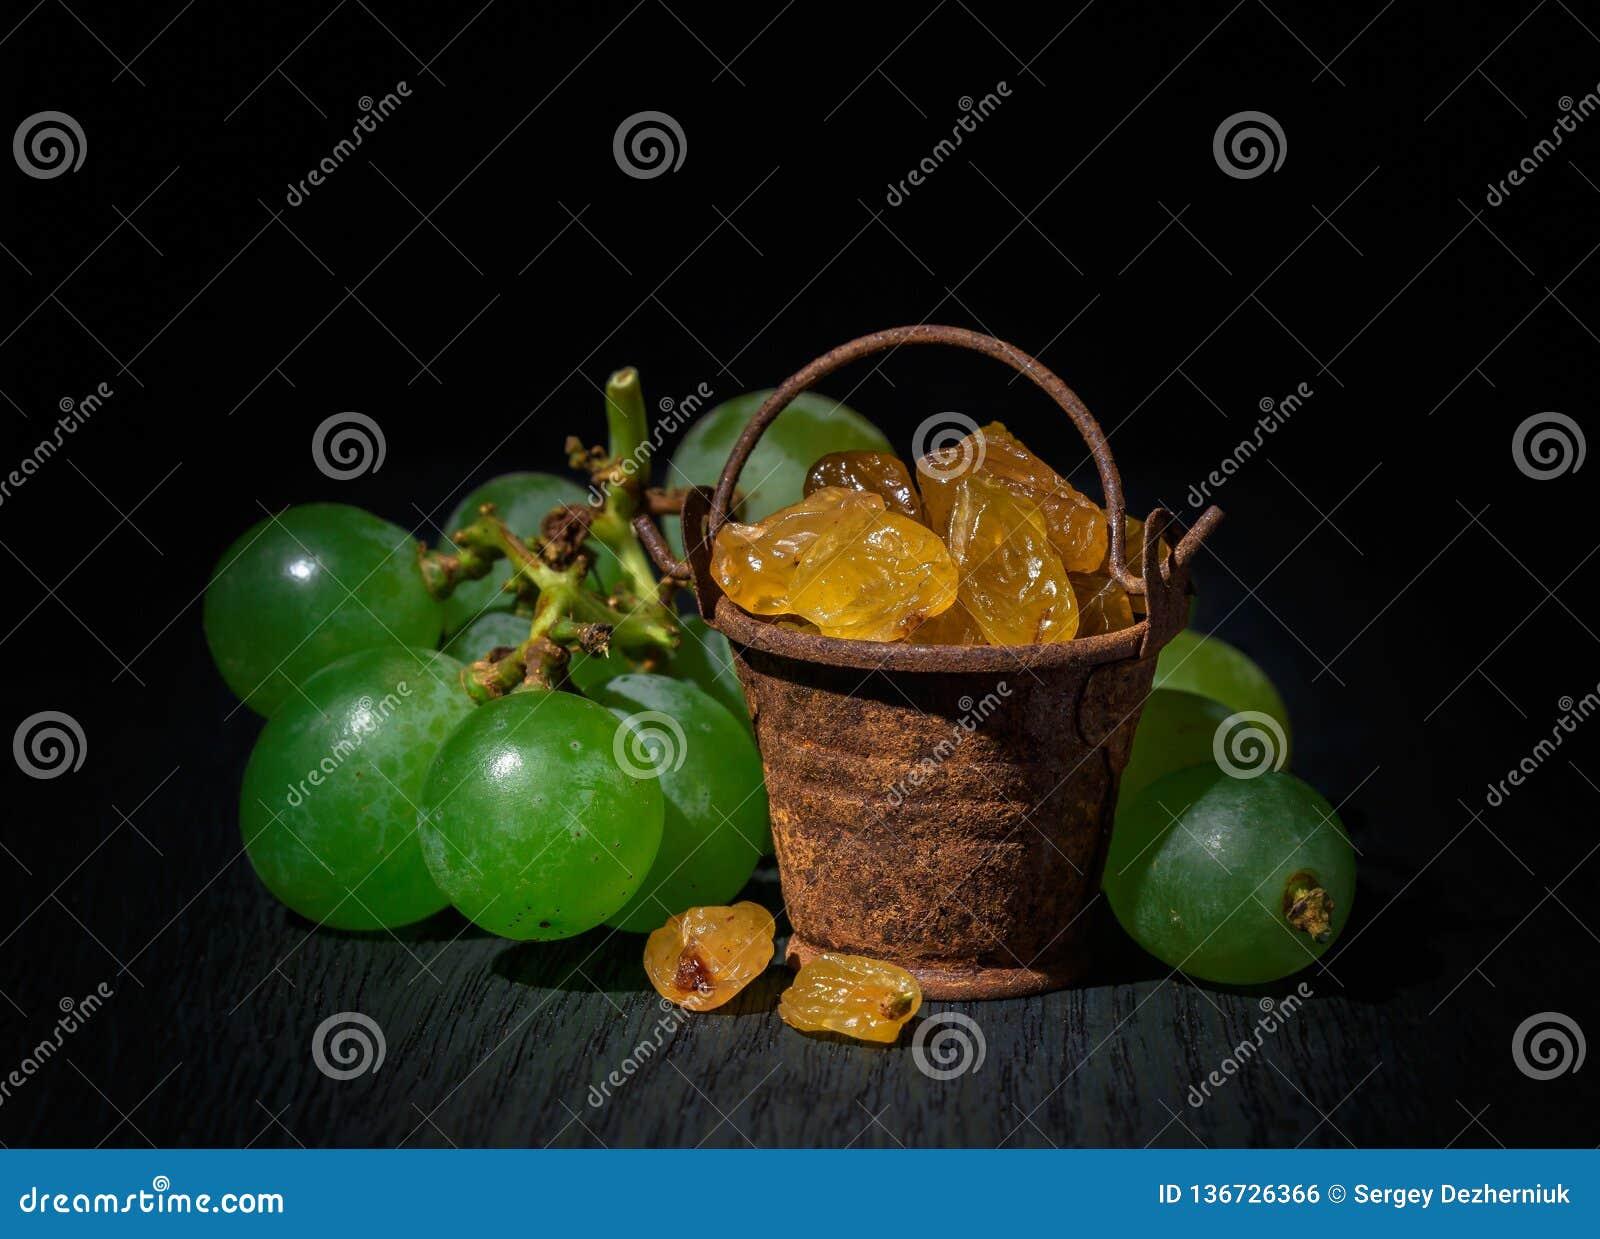 Rozijnen in een kleine emmer, druiven op een donkere achtergrond